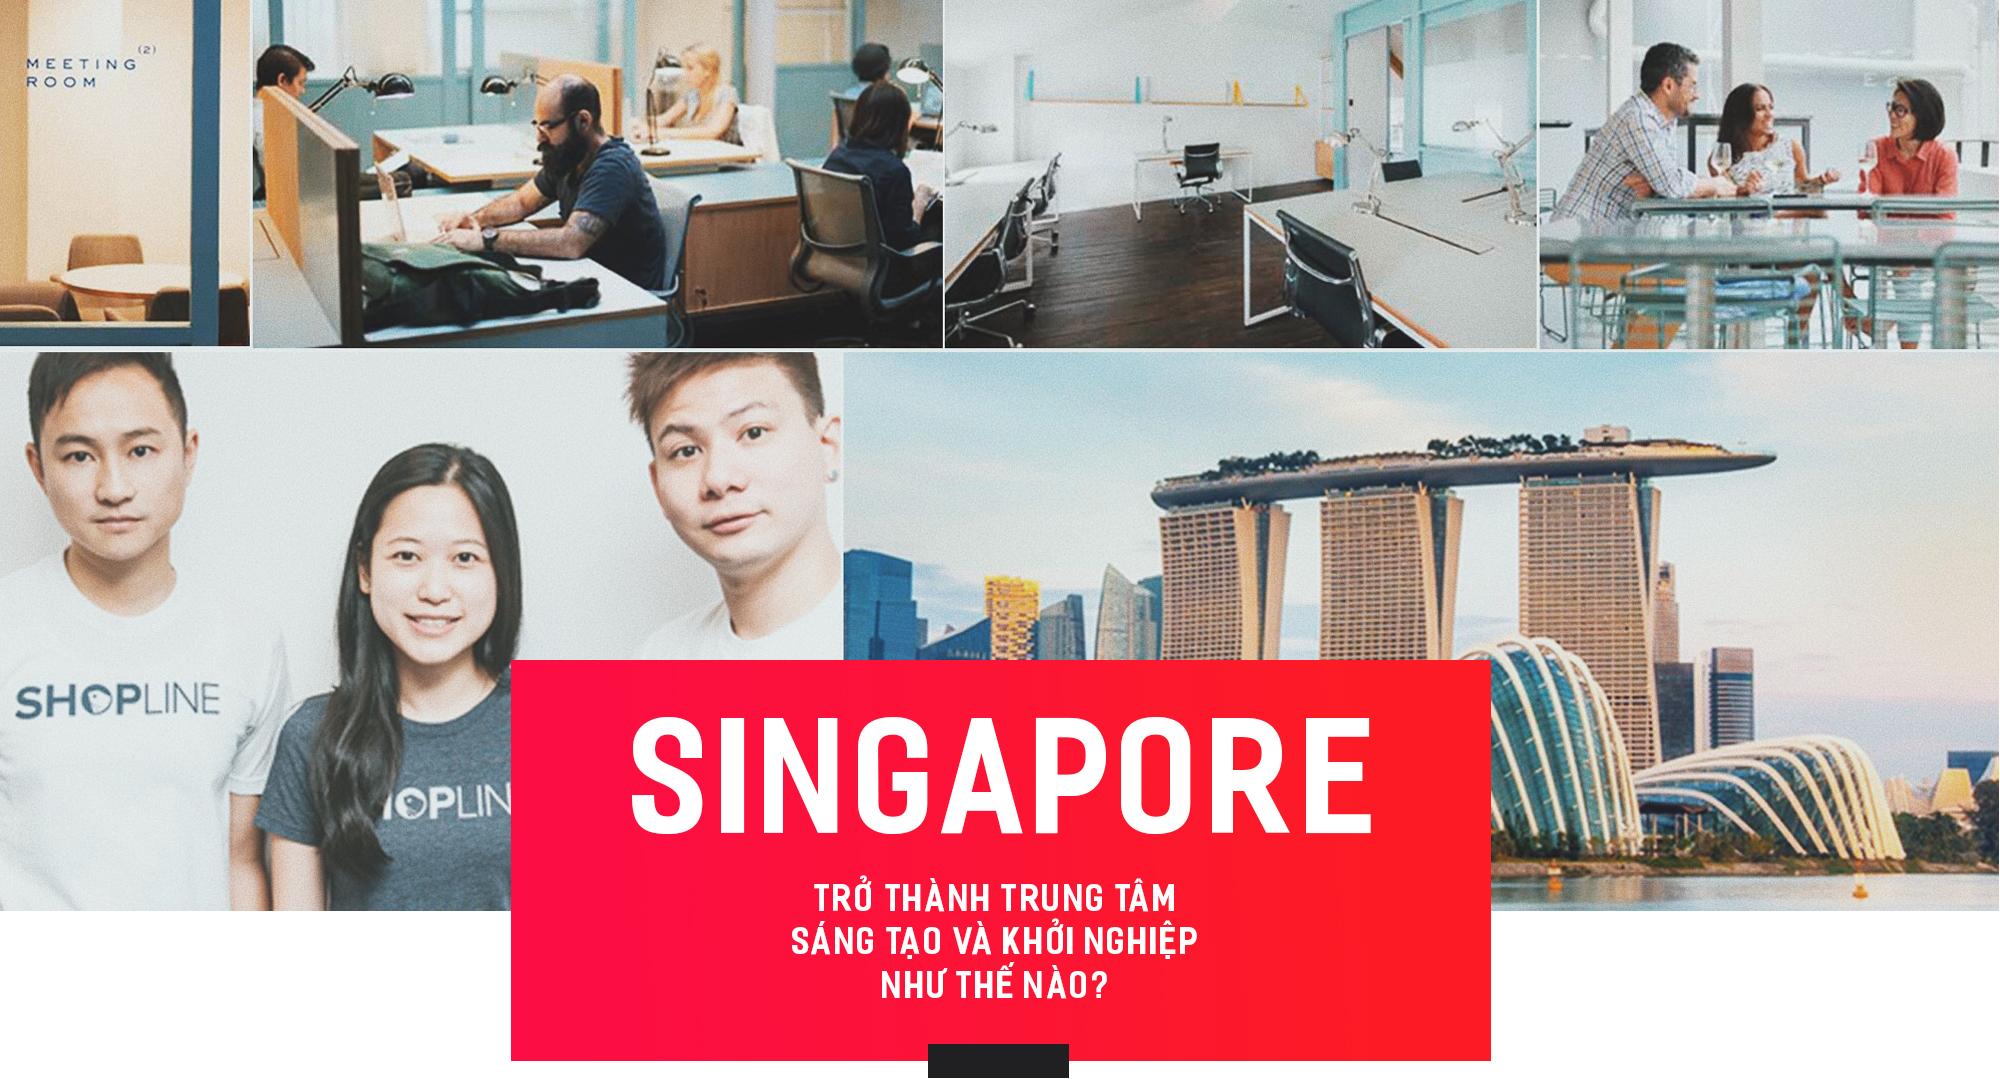 Singapore trở thành trung tâm về sáng tạo và khởi nghiệp như thế nào?